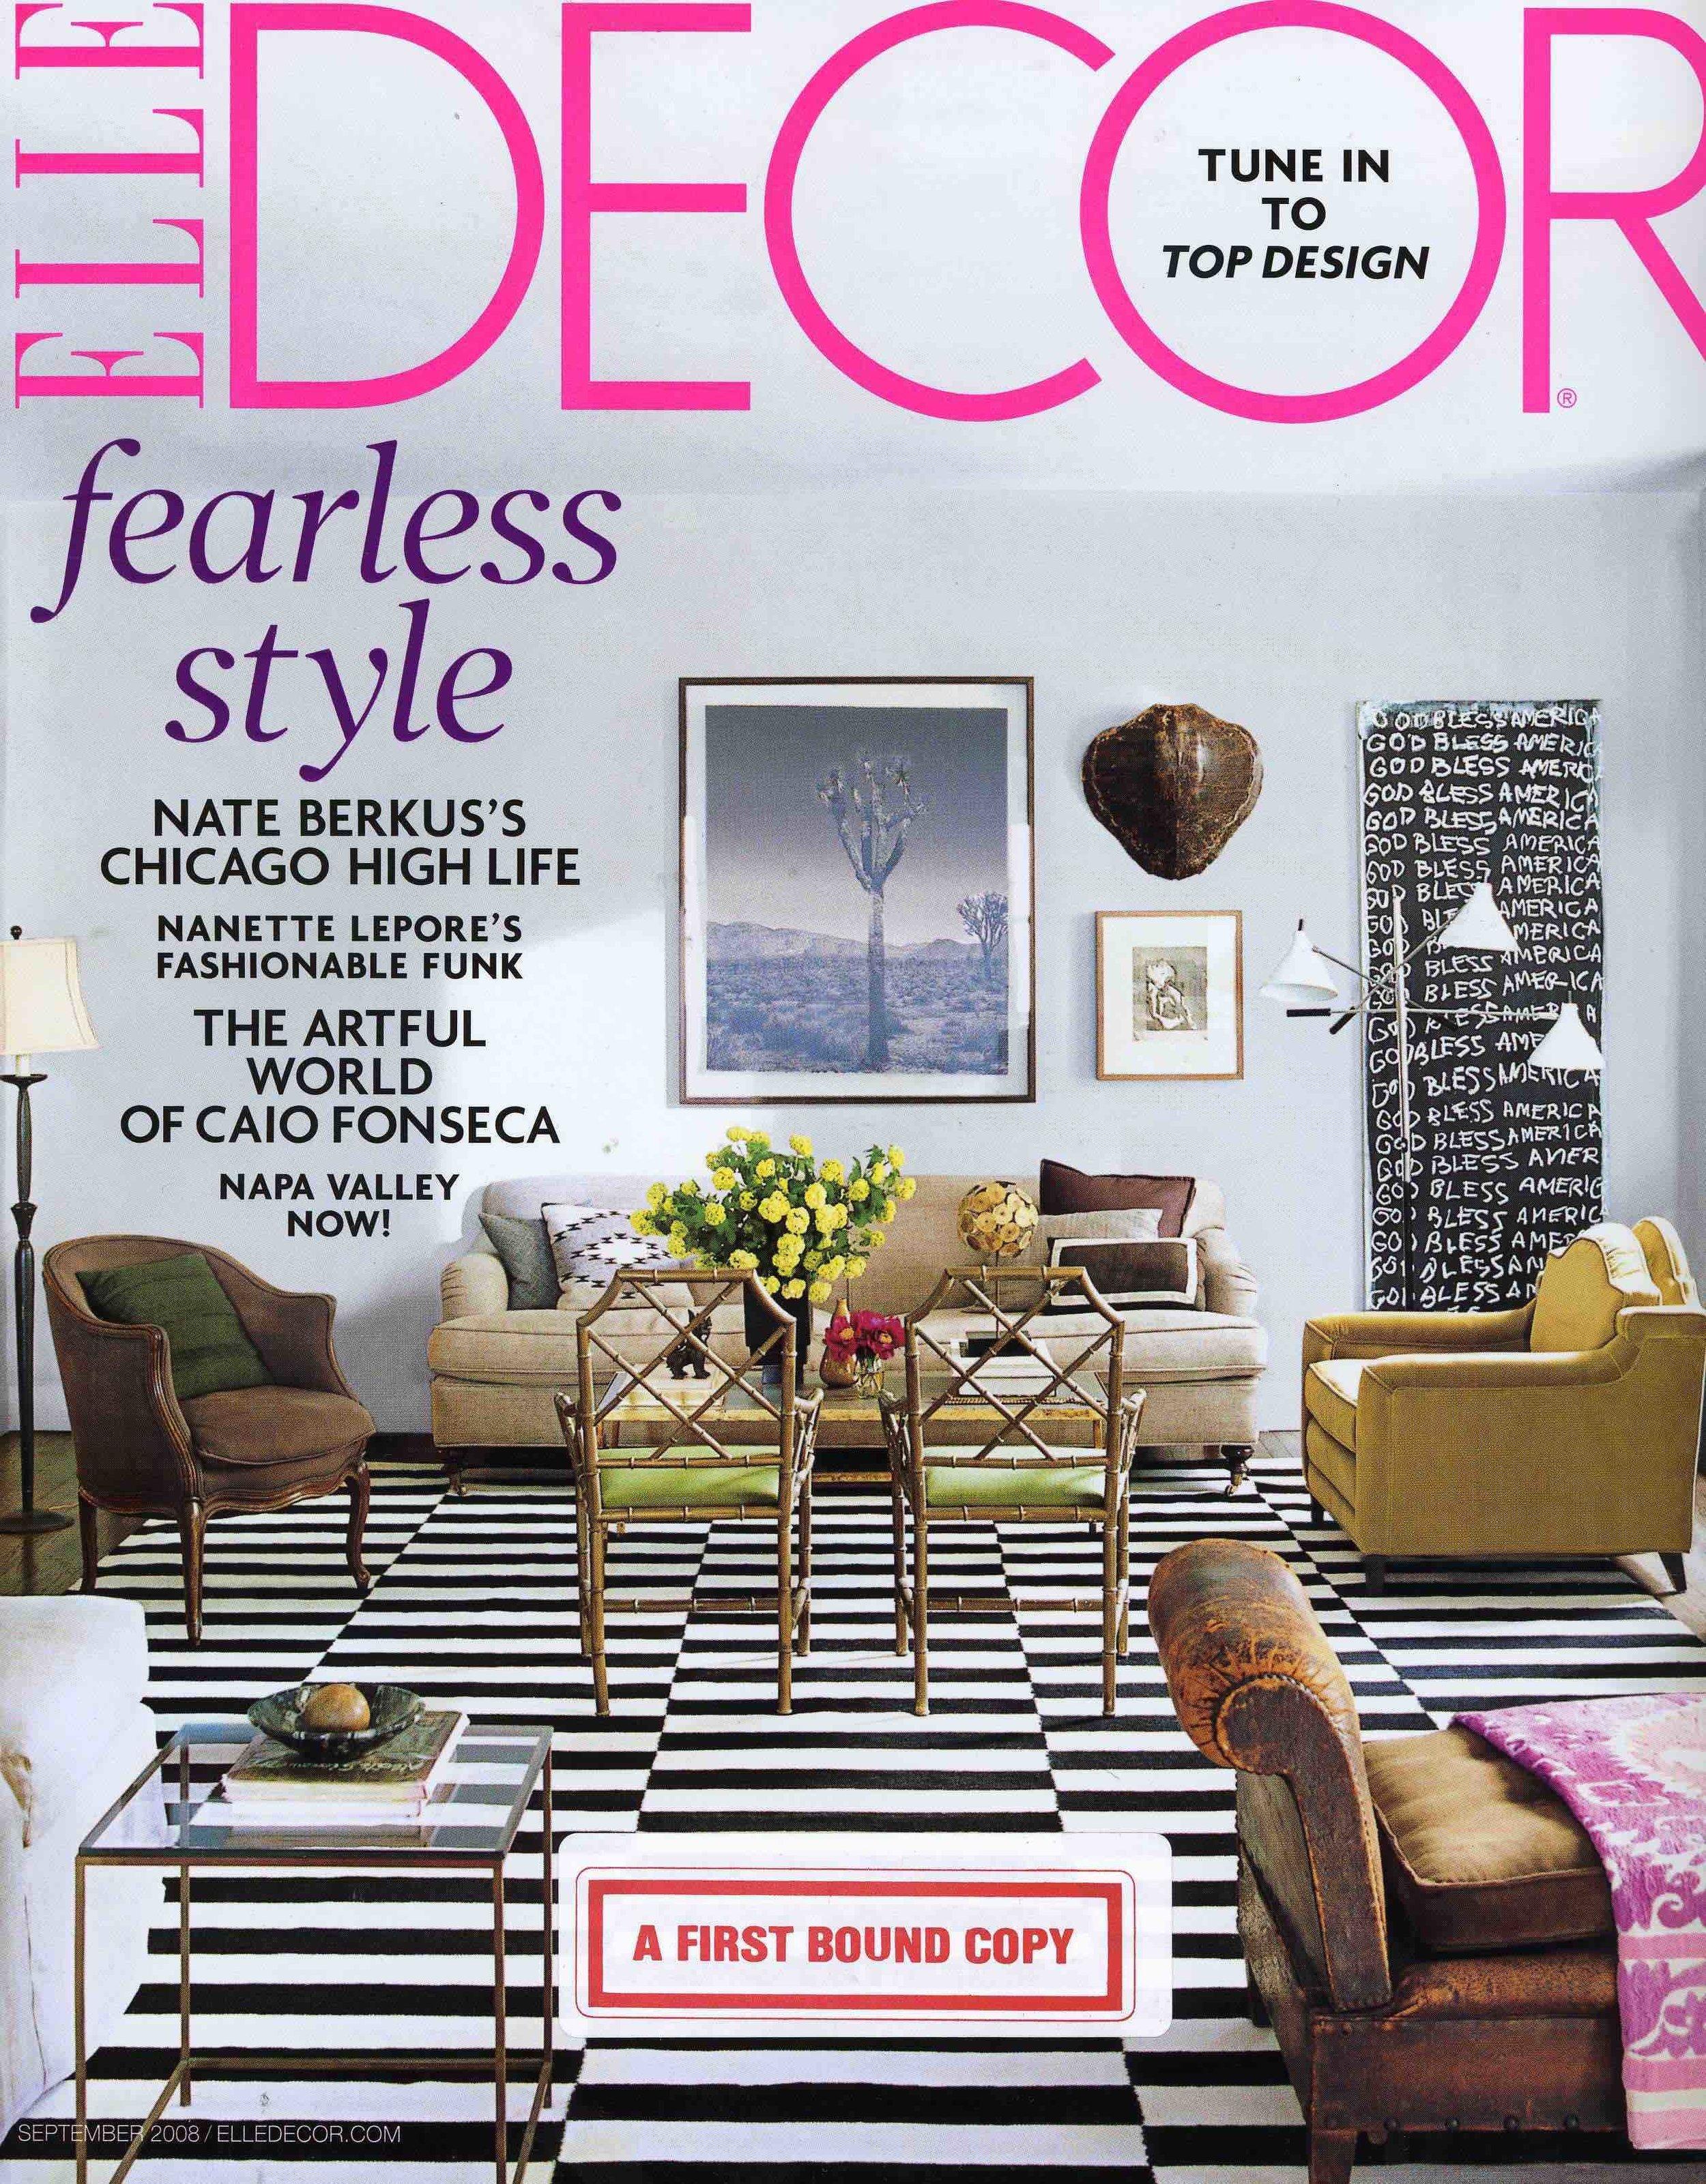 Antony_Todd_ElleDecor_Magazine 2.jpg